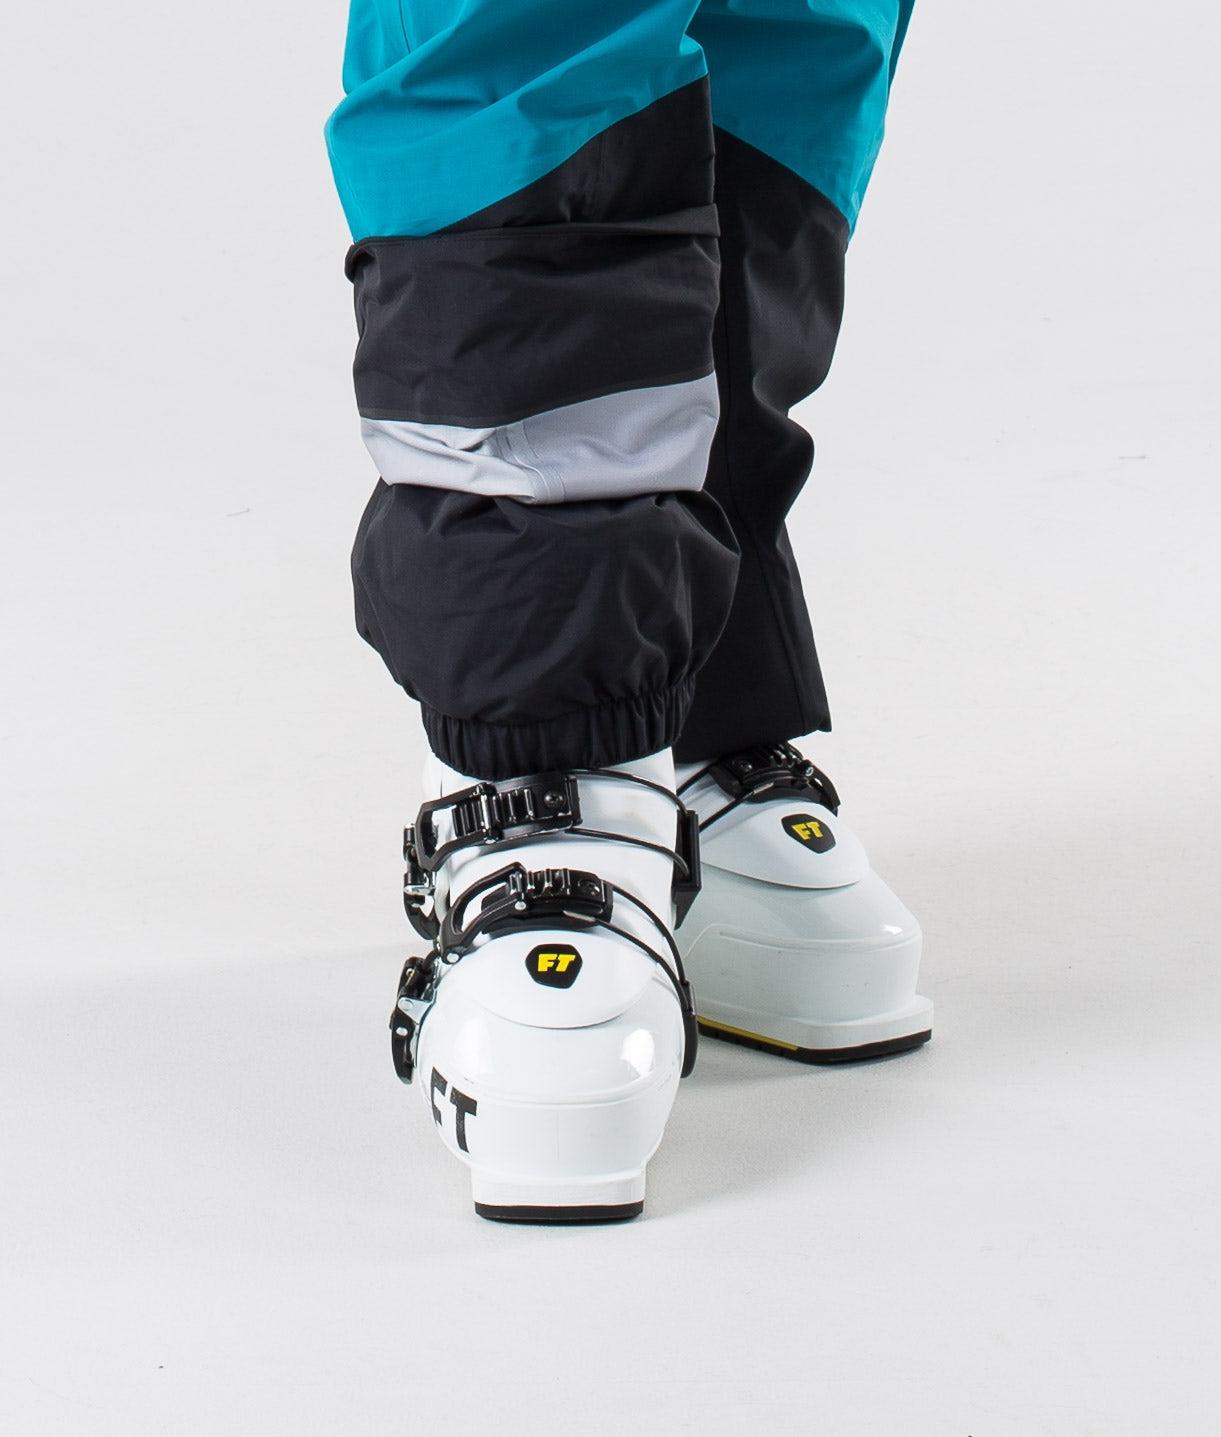 Kjøp Gravity Skibukse fra Peak Performance på Ridestore.no - Hos oss har du alltid fri frakt, fri retur og 30 dagers åpent kjøp!